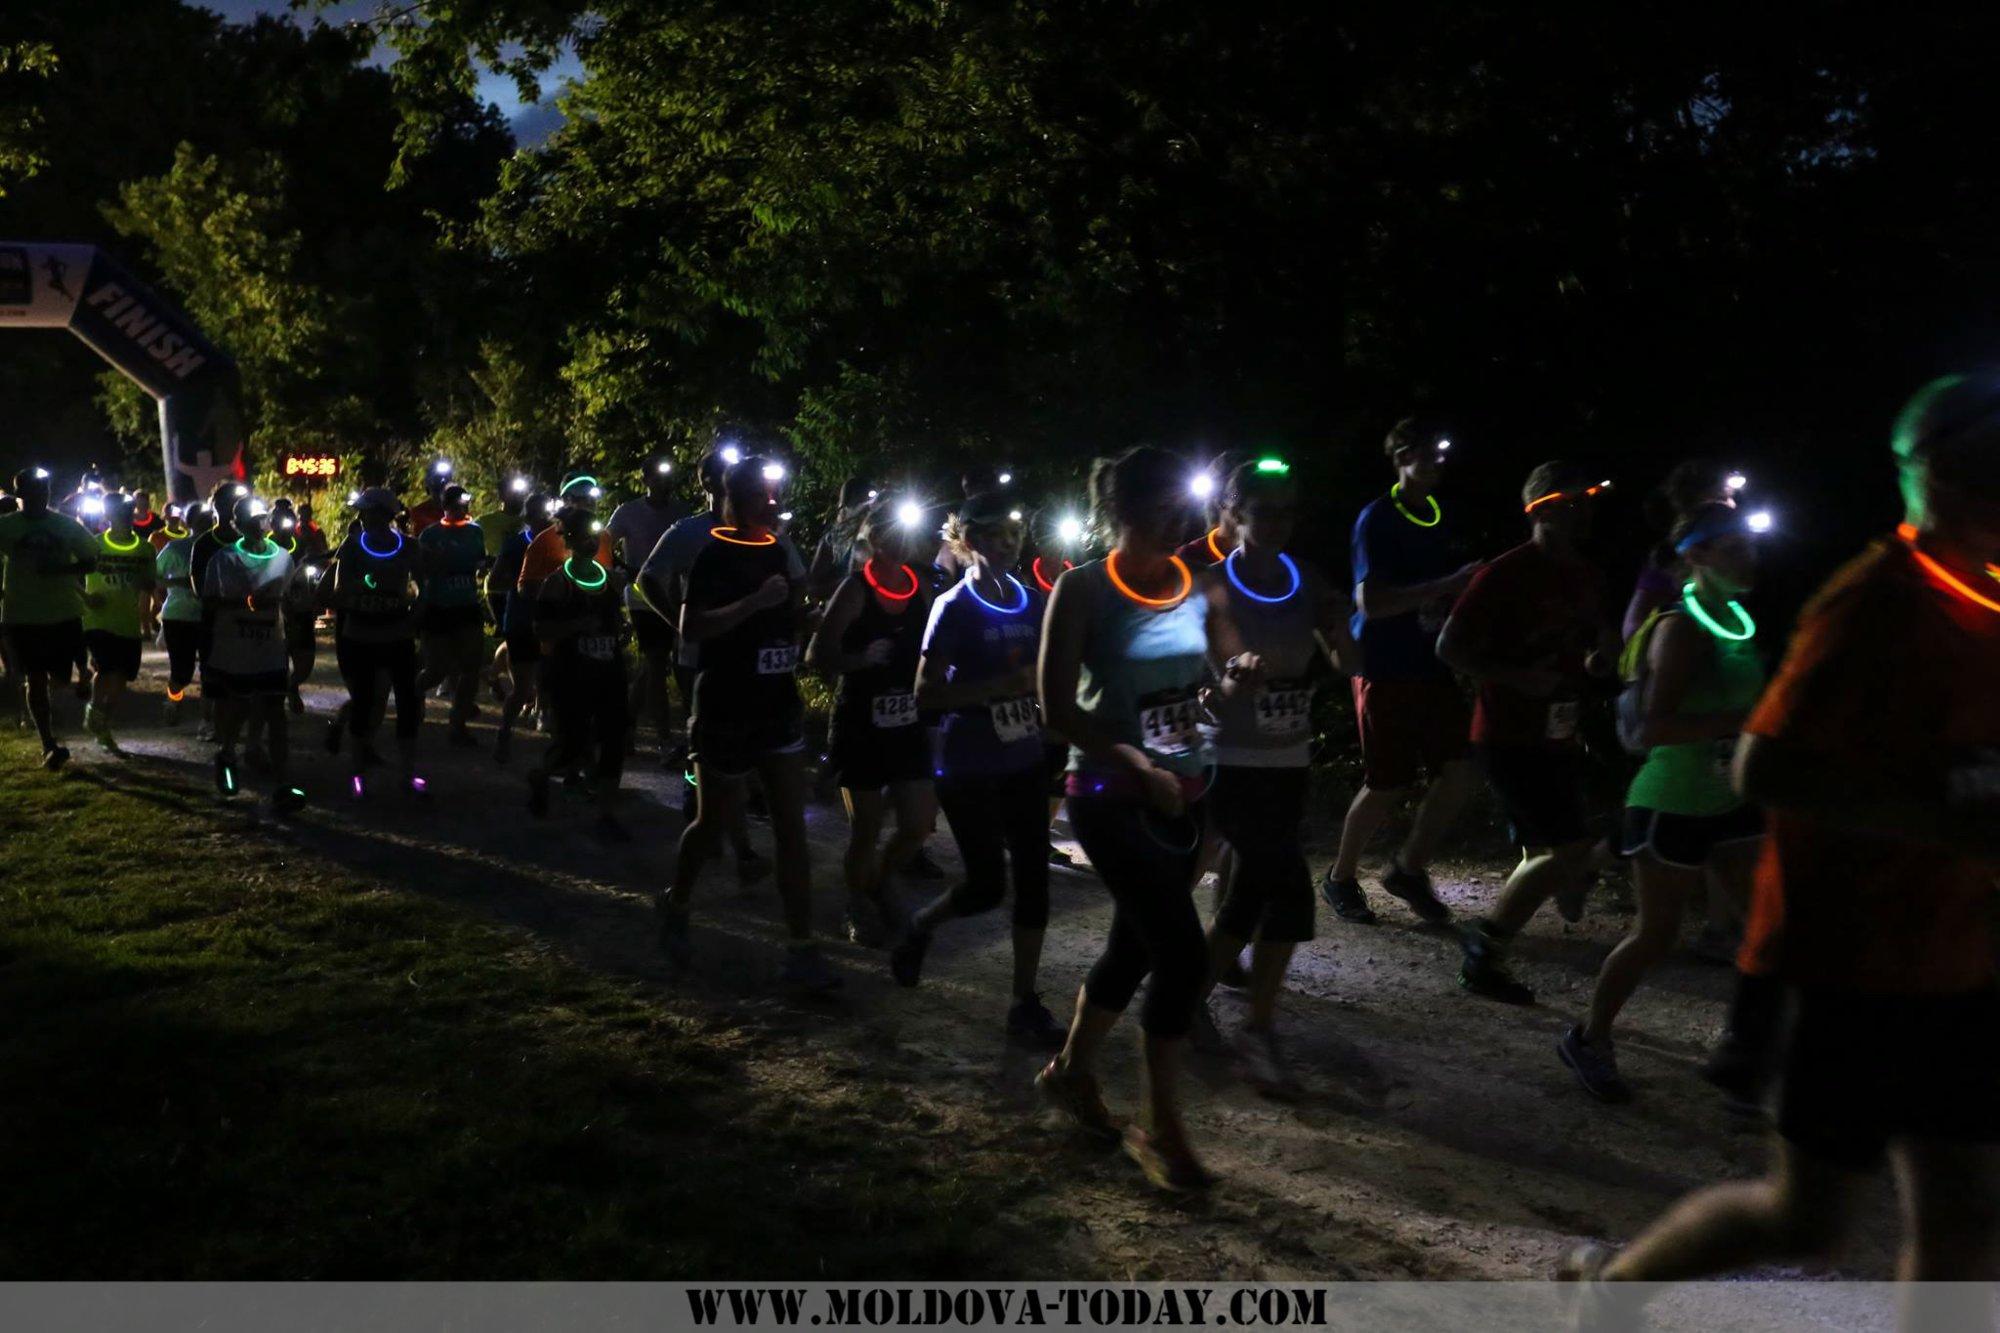 Ночной марафон-фест 2019: беги и встречай рассвет над Киевским морем